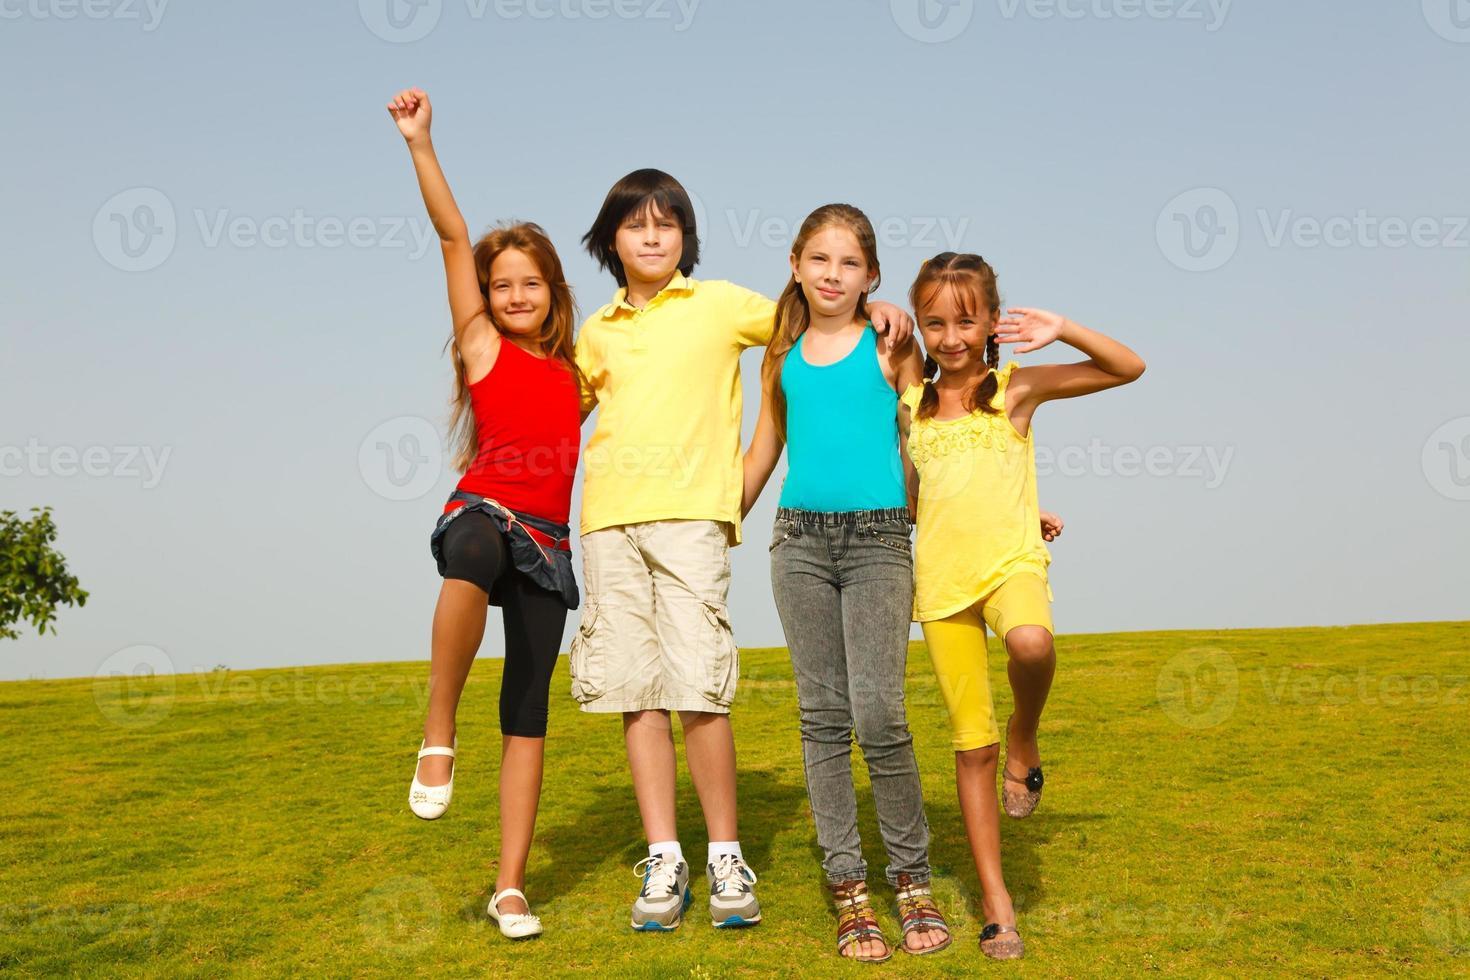 grupp tonåringvänner foto